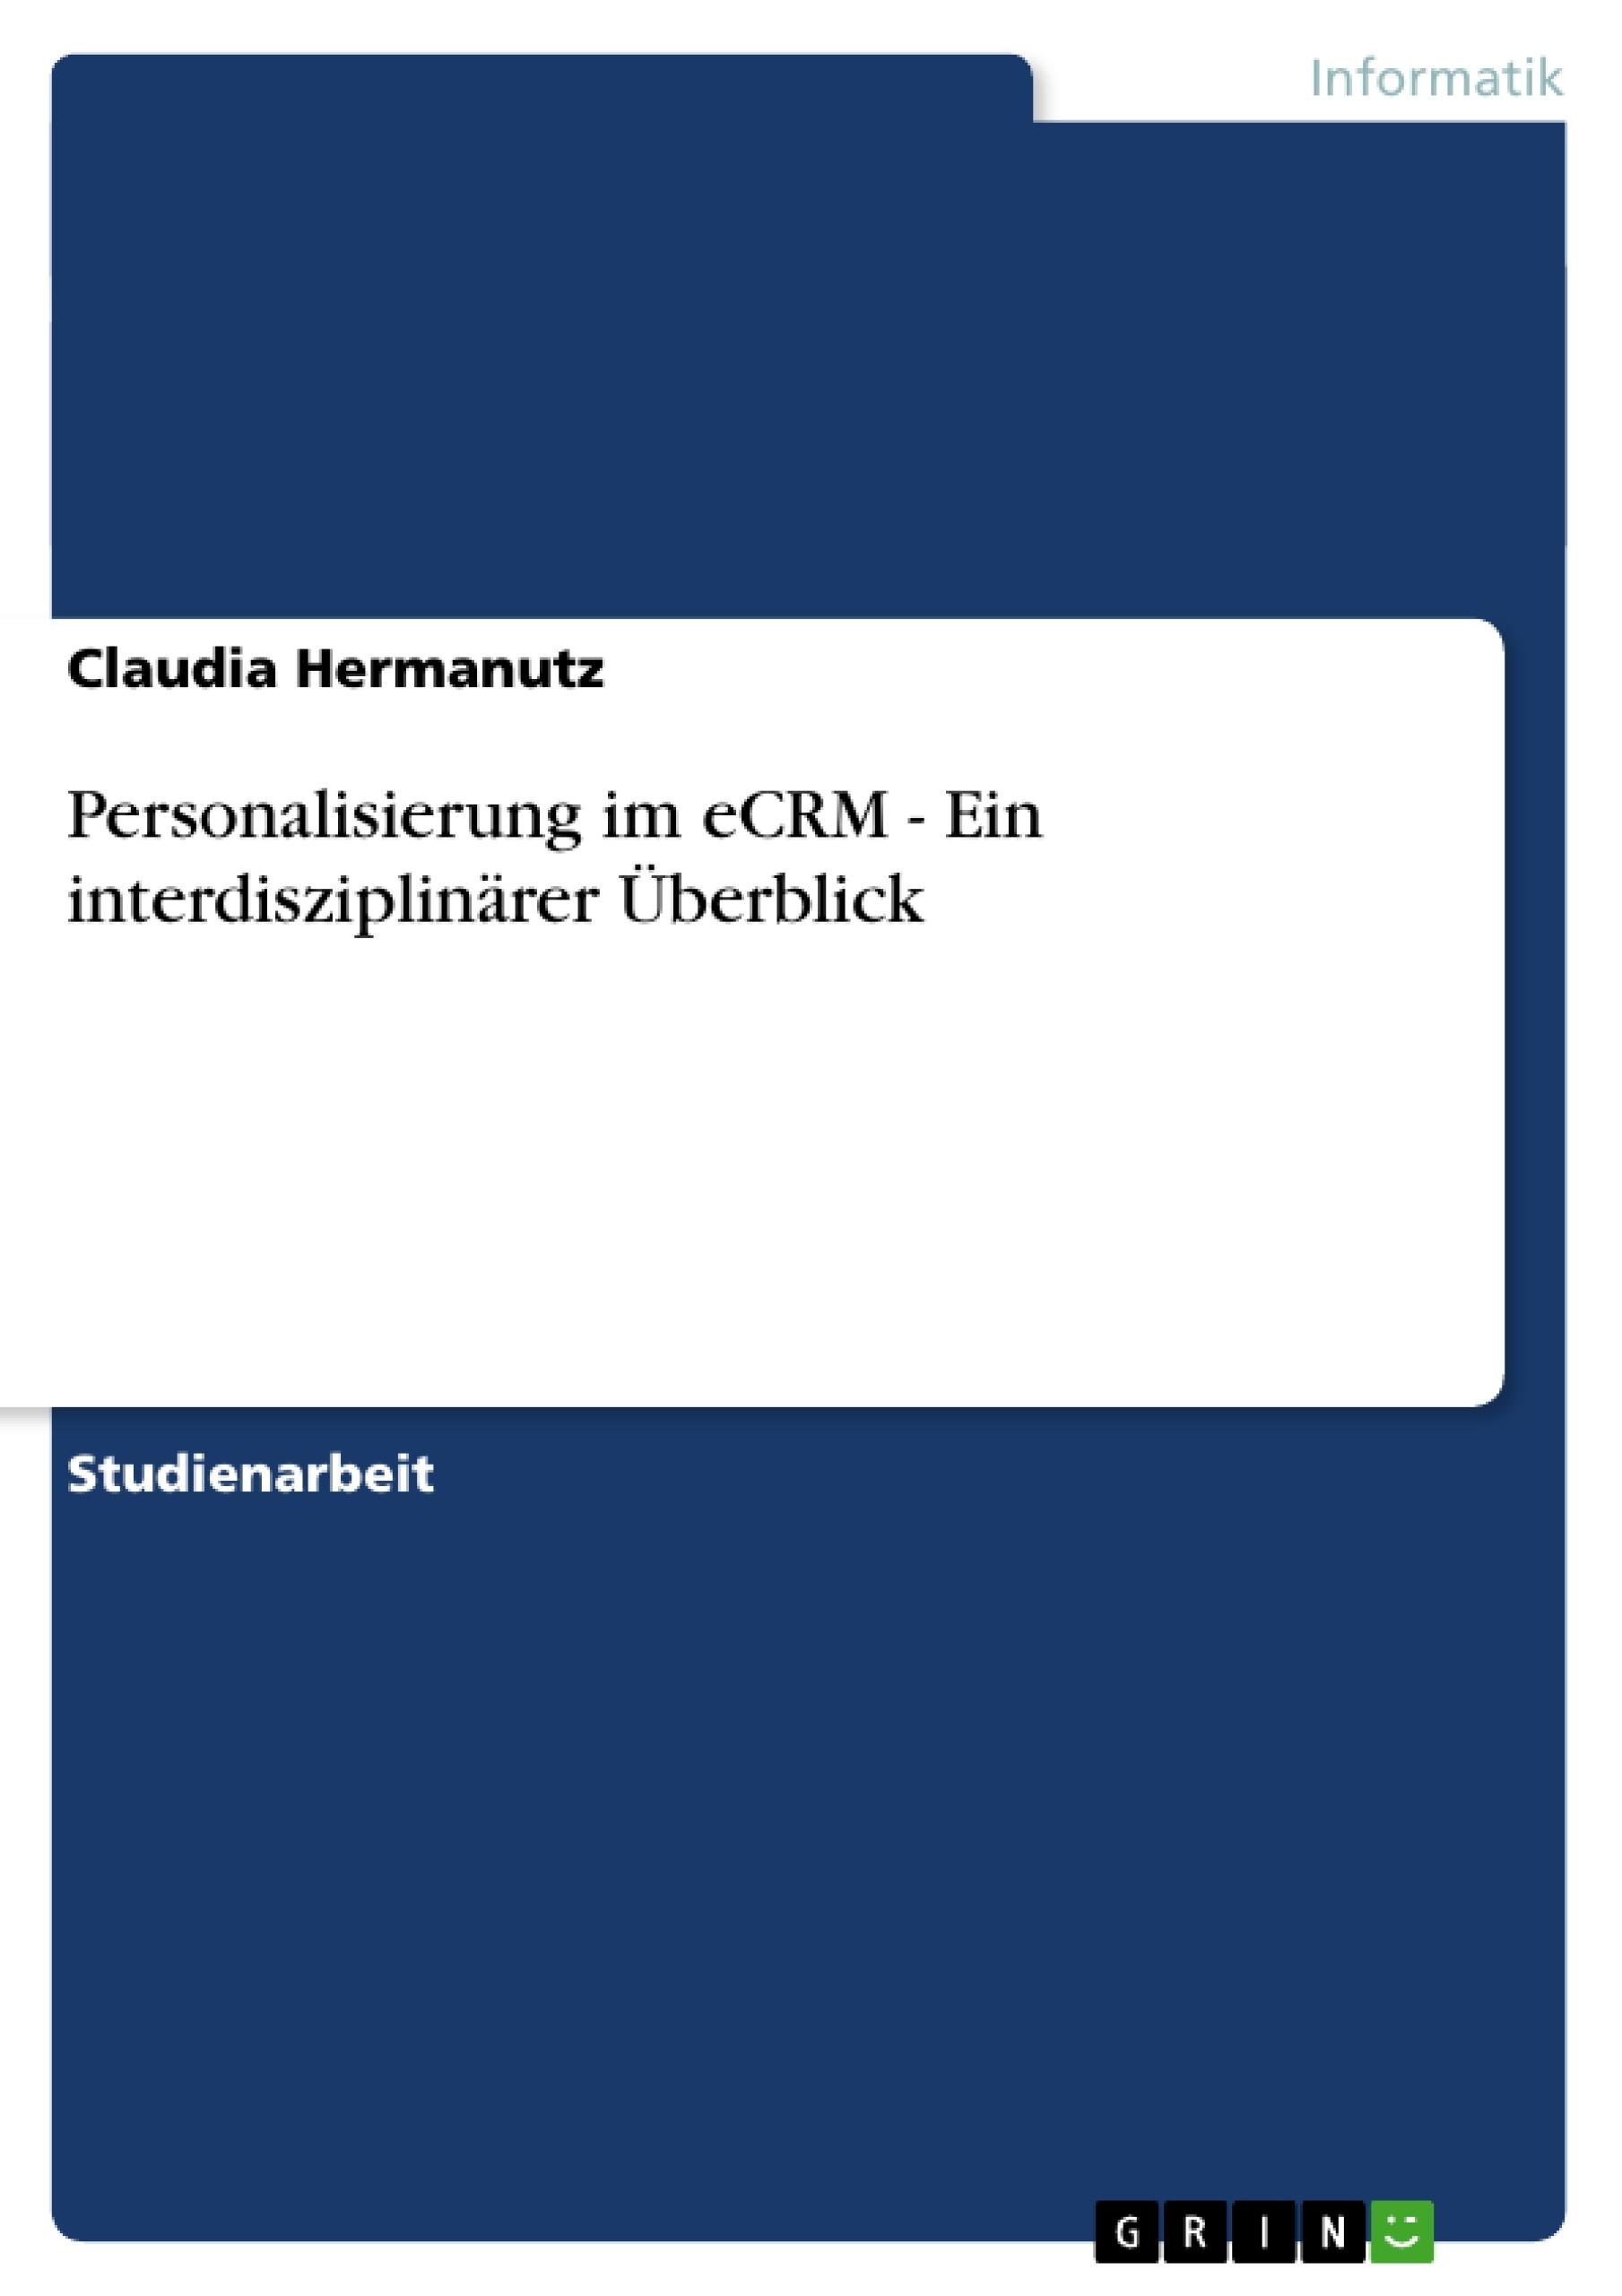 Titel: Personalisierung im eCRM - Ein interdisziplinärer Überblick